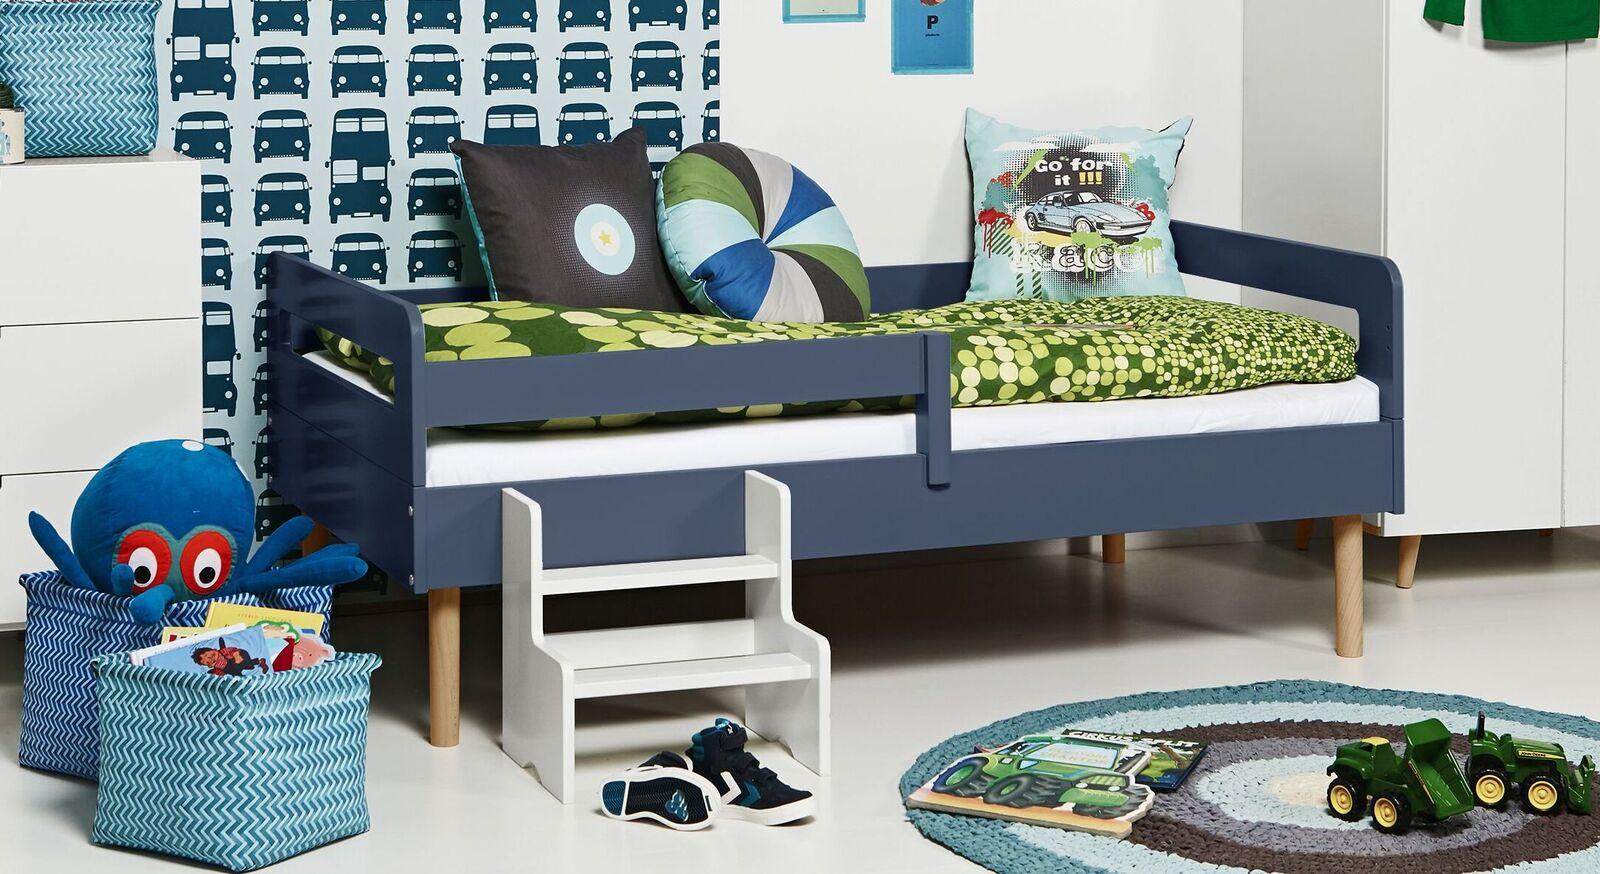 Modernes Kinderbett Kids Town Retro aus jeansblauem MDF